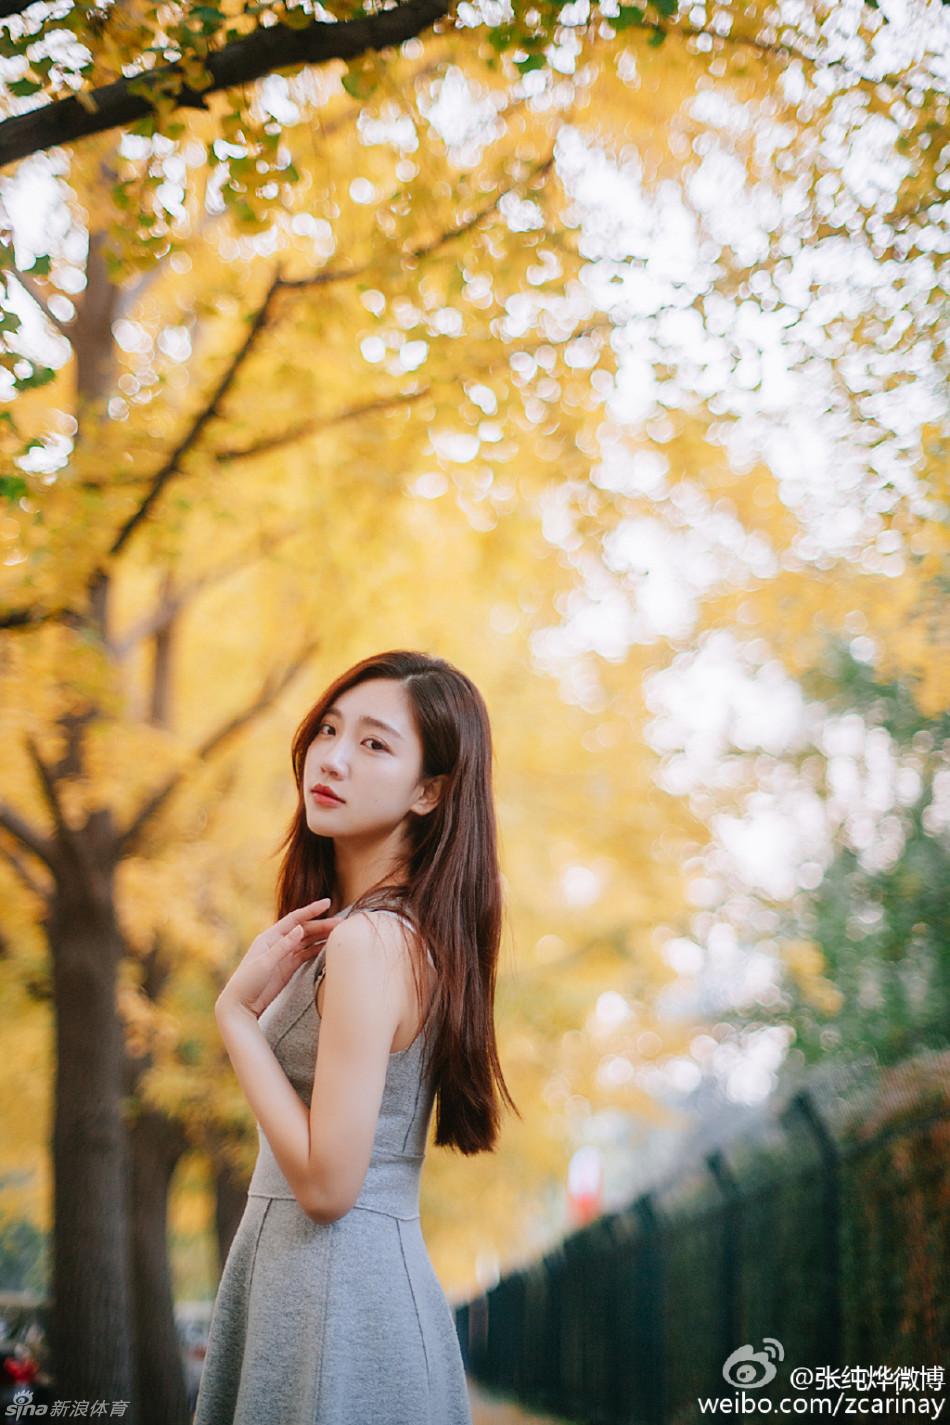 江苏卫视美女主持人张纯烨偏爱北京男篮